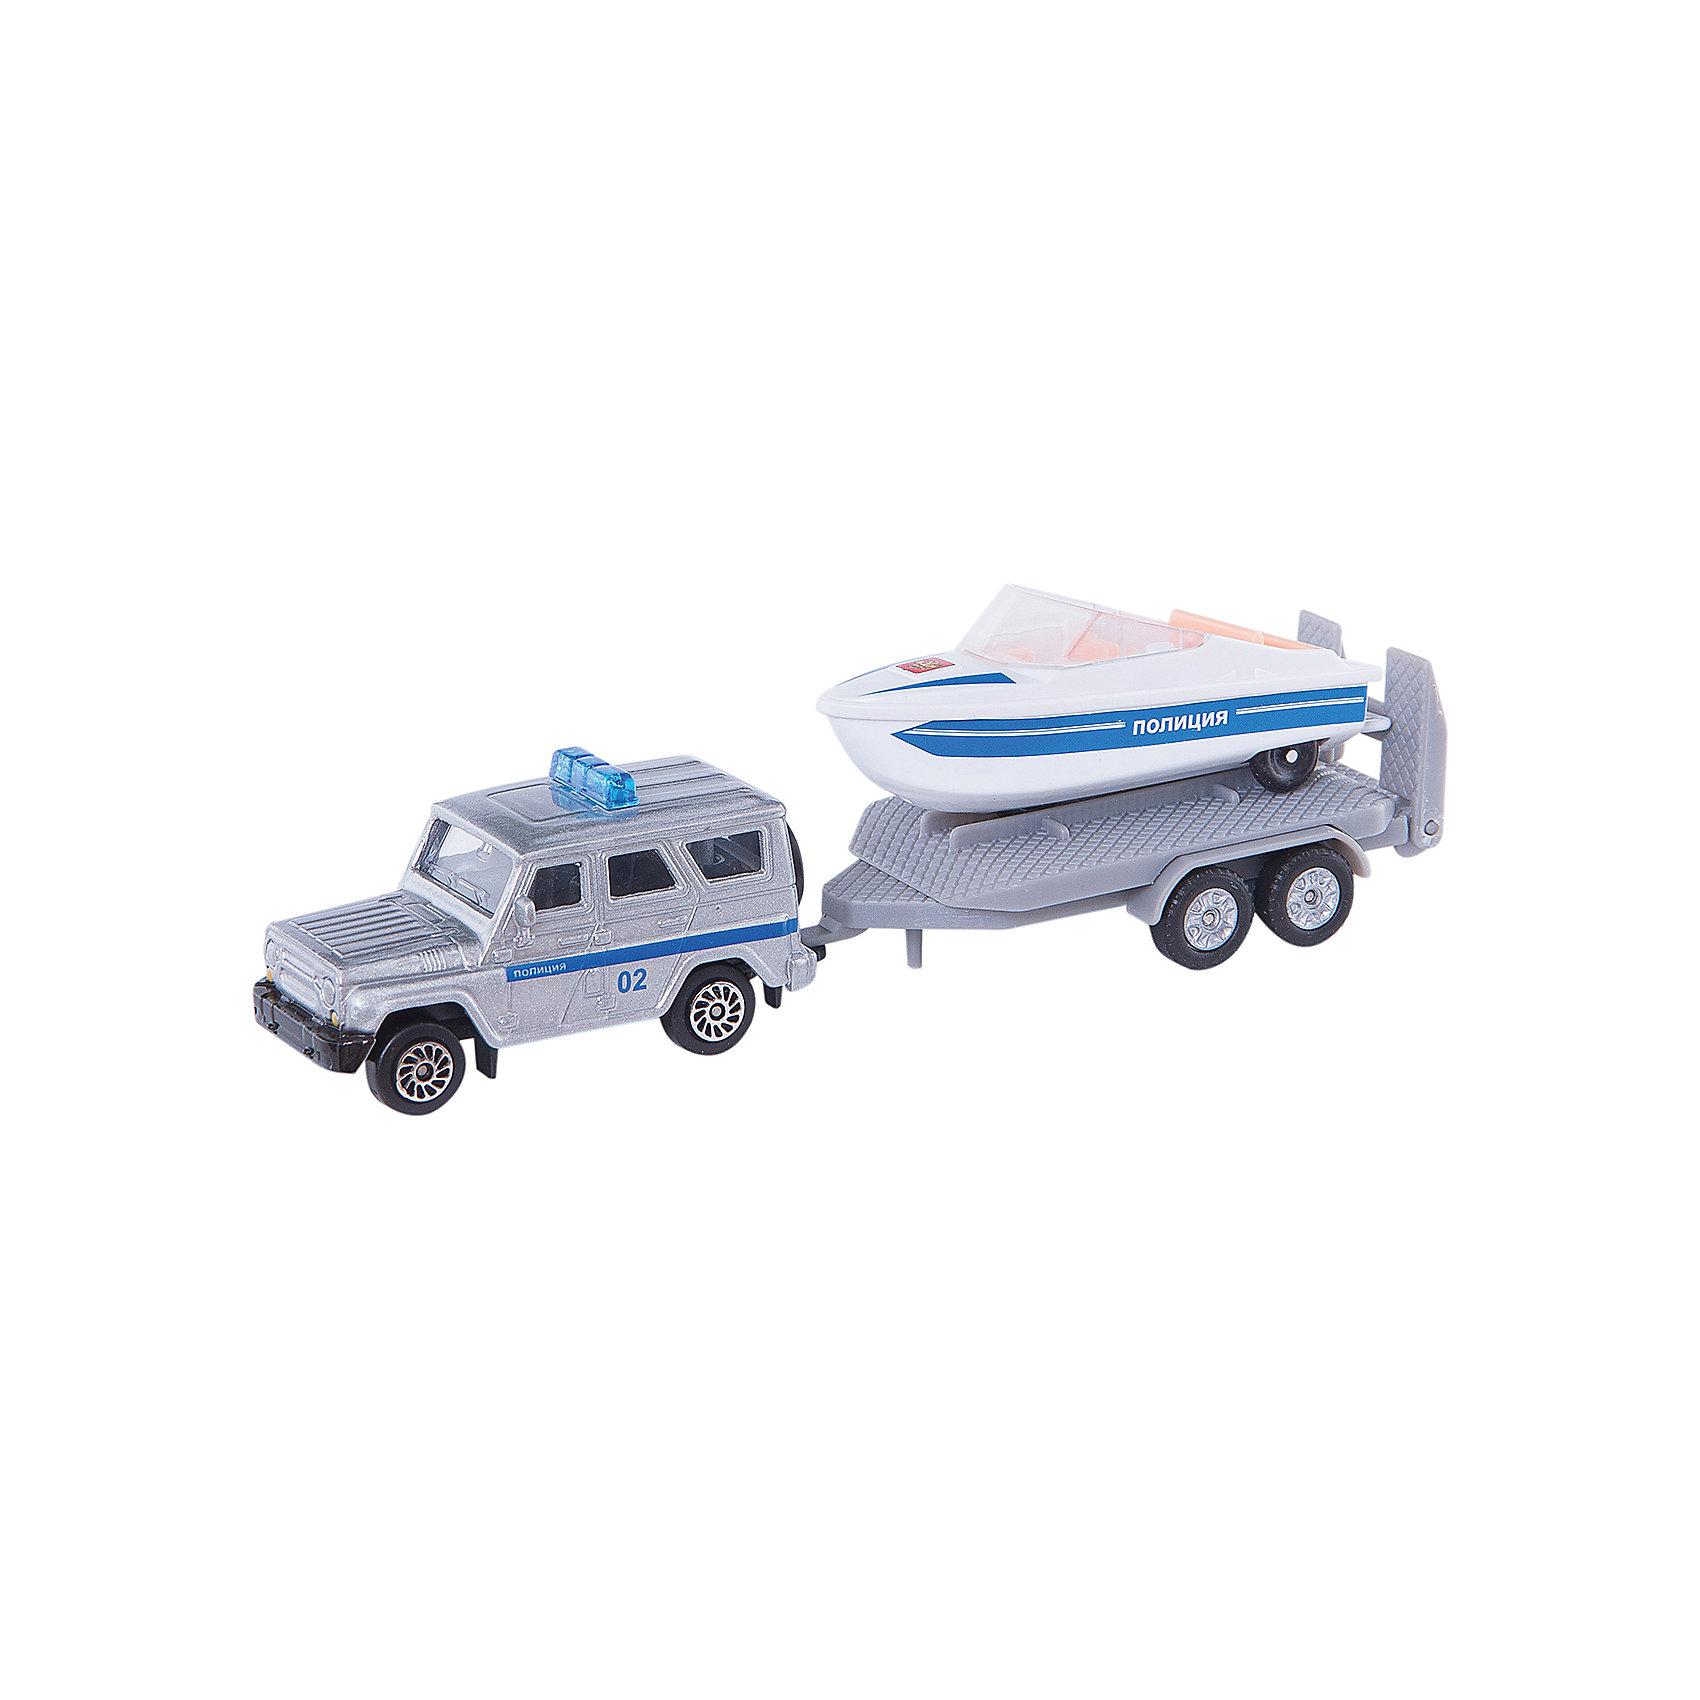 ТЕХНОПАРК Набор Полиция (Уаз с лодкой), Технопарк машинки технопарк набор из 2 х металлических моделей технопарк уаз полиция